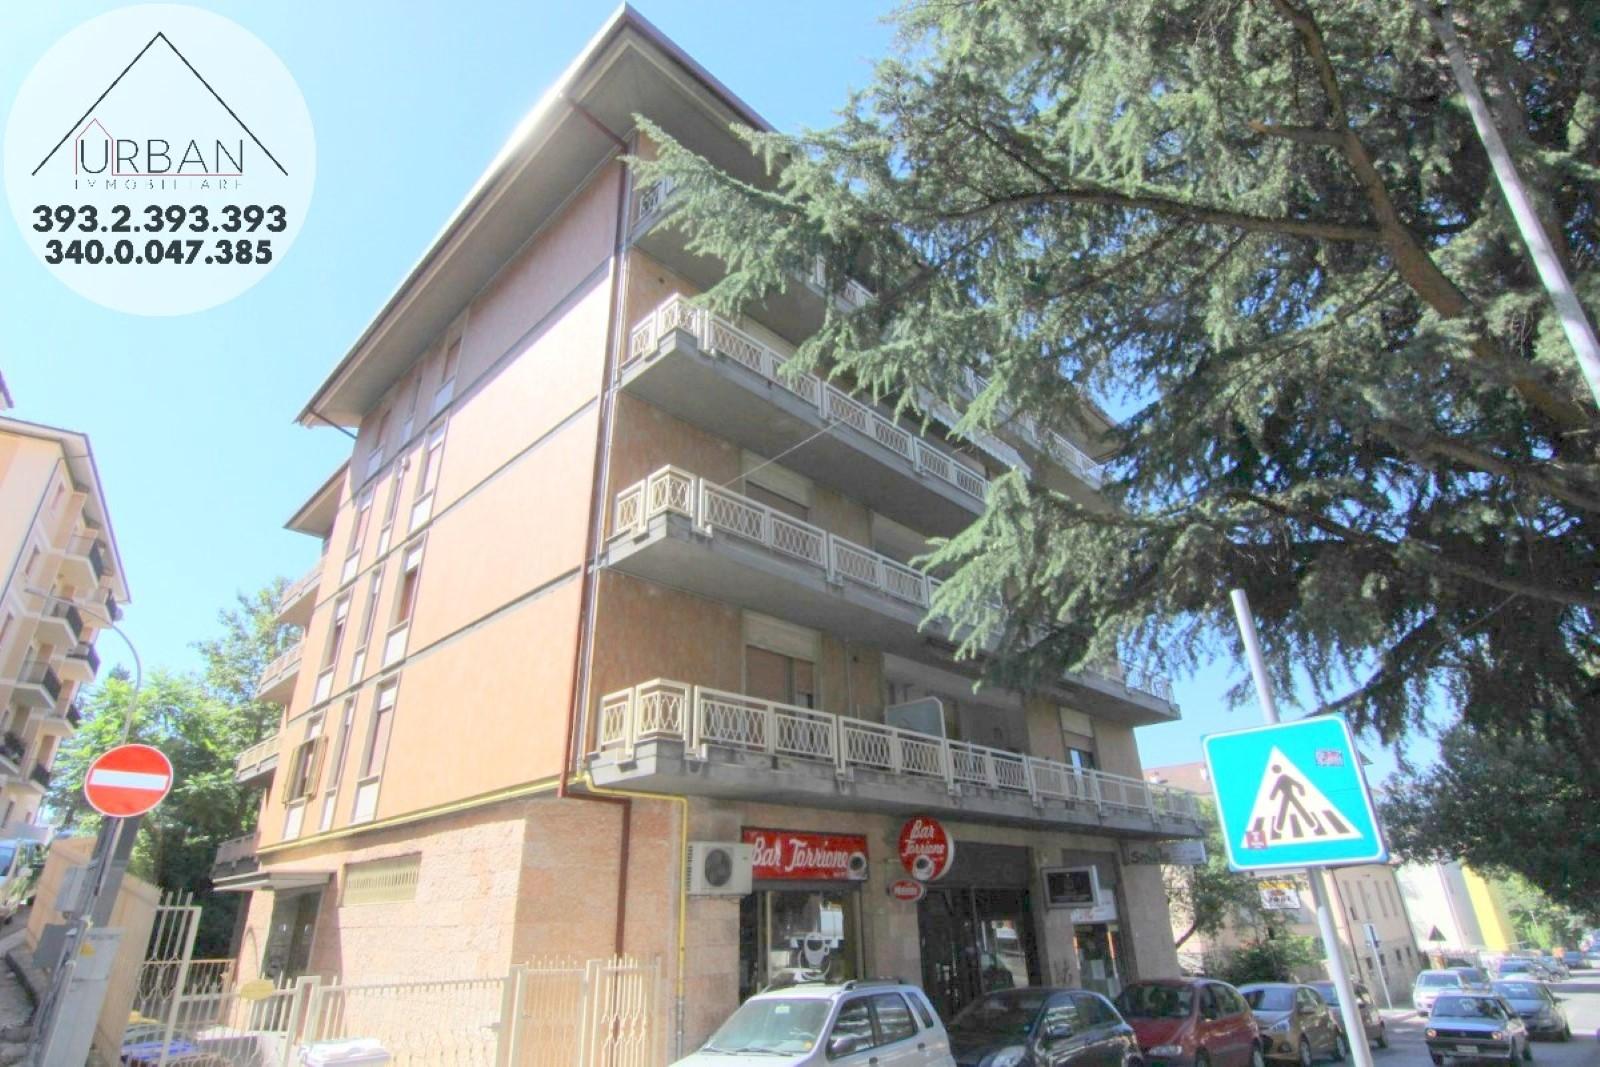 L'Aquila (AQ) - Via Alcide De Gasperi